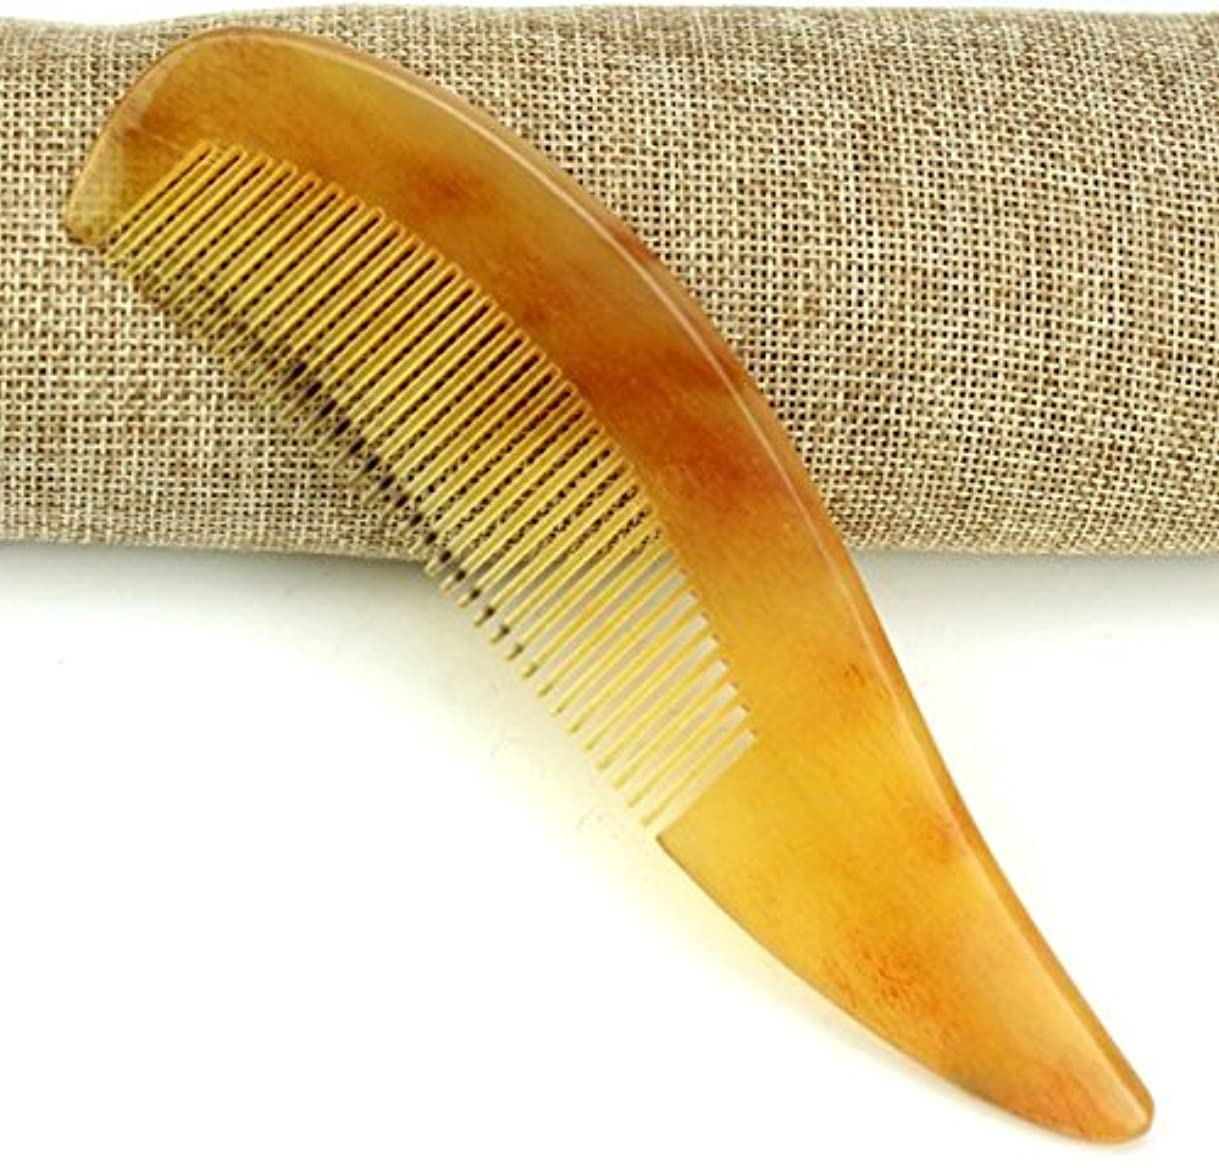 ロッド作り上げる抵抗する櫛型 プロも使う羊角かっさプレート マサージ用 血行改善 高級 天然 静電気防止 美髪 美顔 ボディ リンパマッサージ